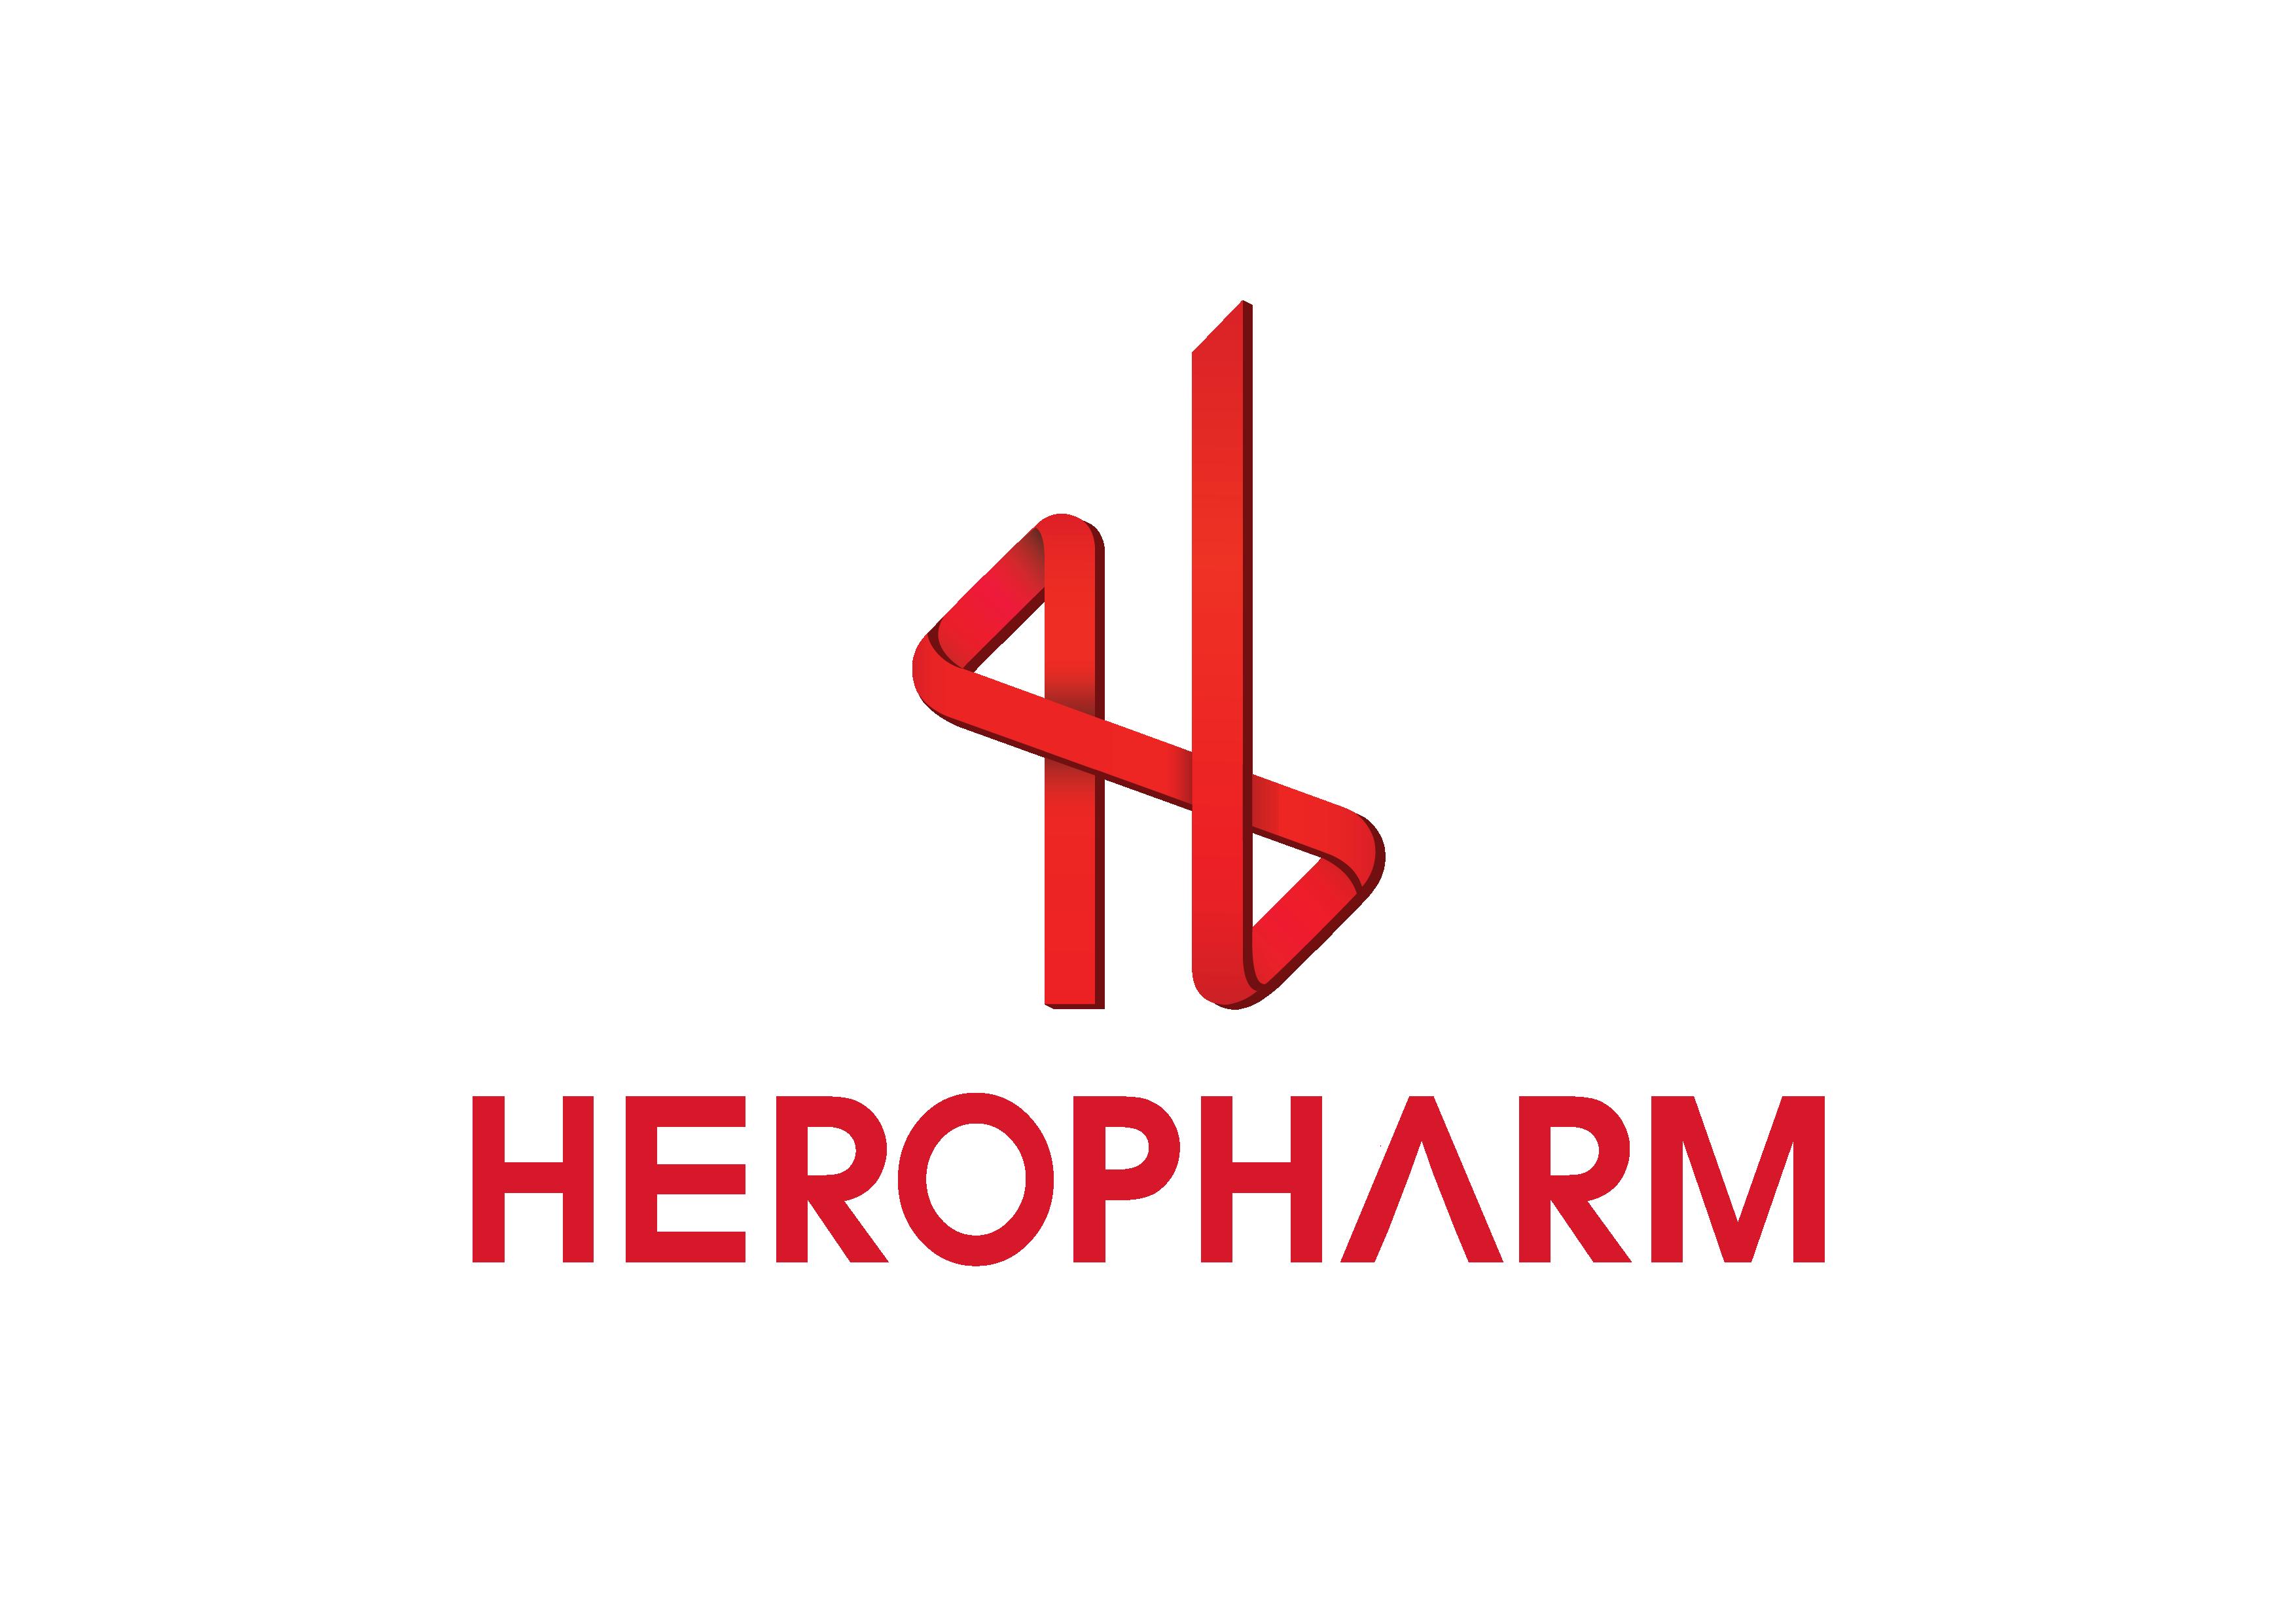 HEROPHARM